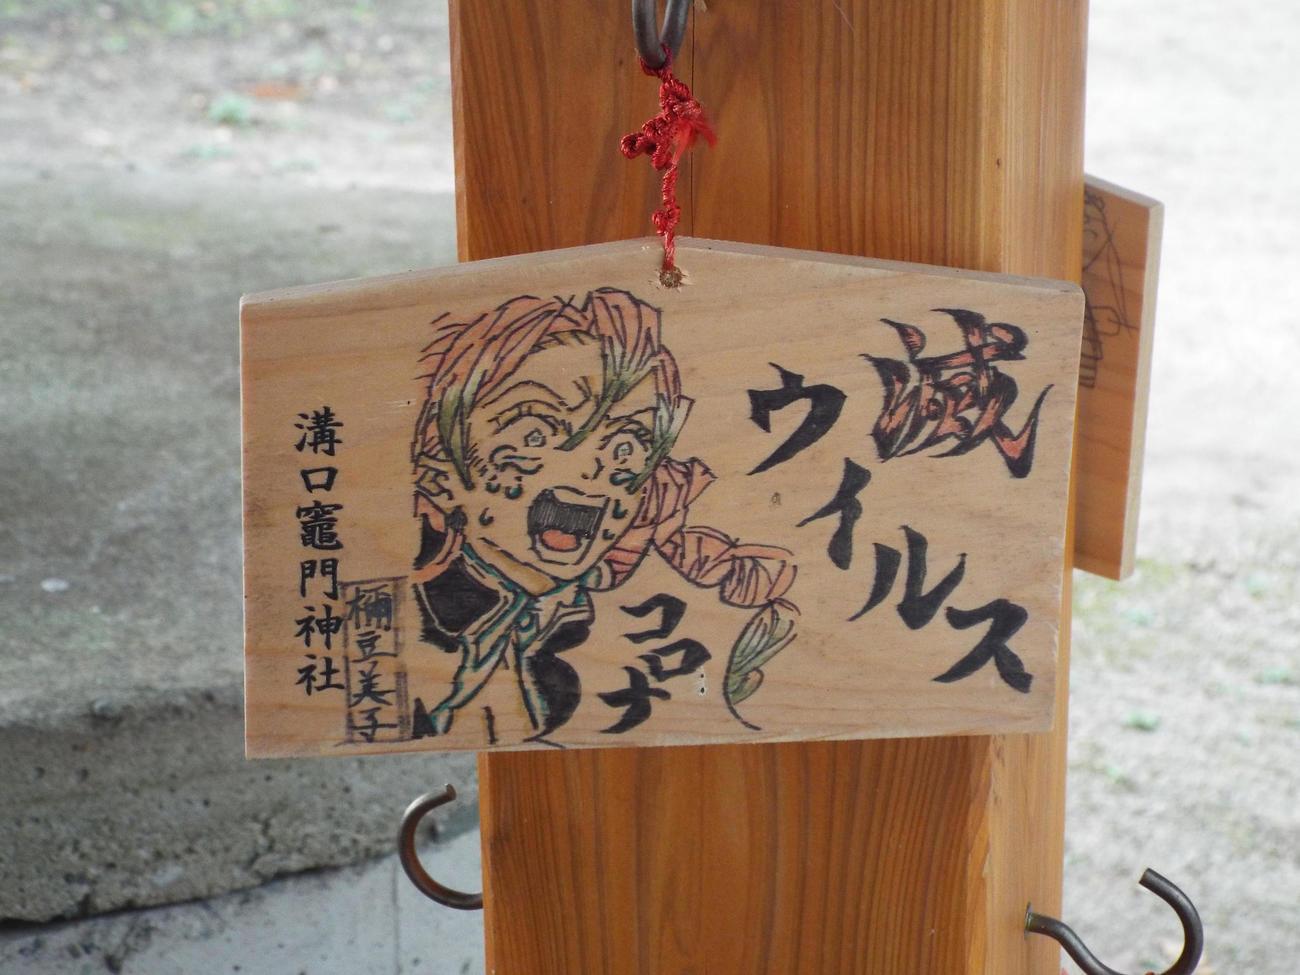 溝口竈門神社には、鬼滅の刃のキャラクターが描かれた絵馬が多く奉納されている(溝口竈門神社提供)